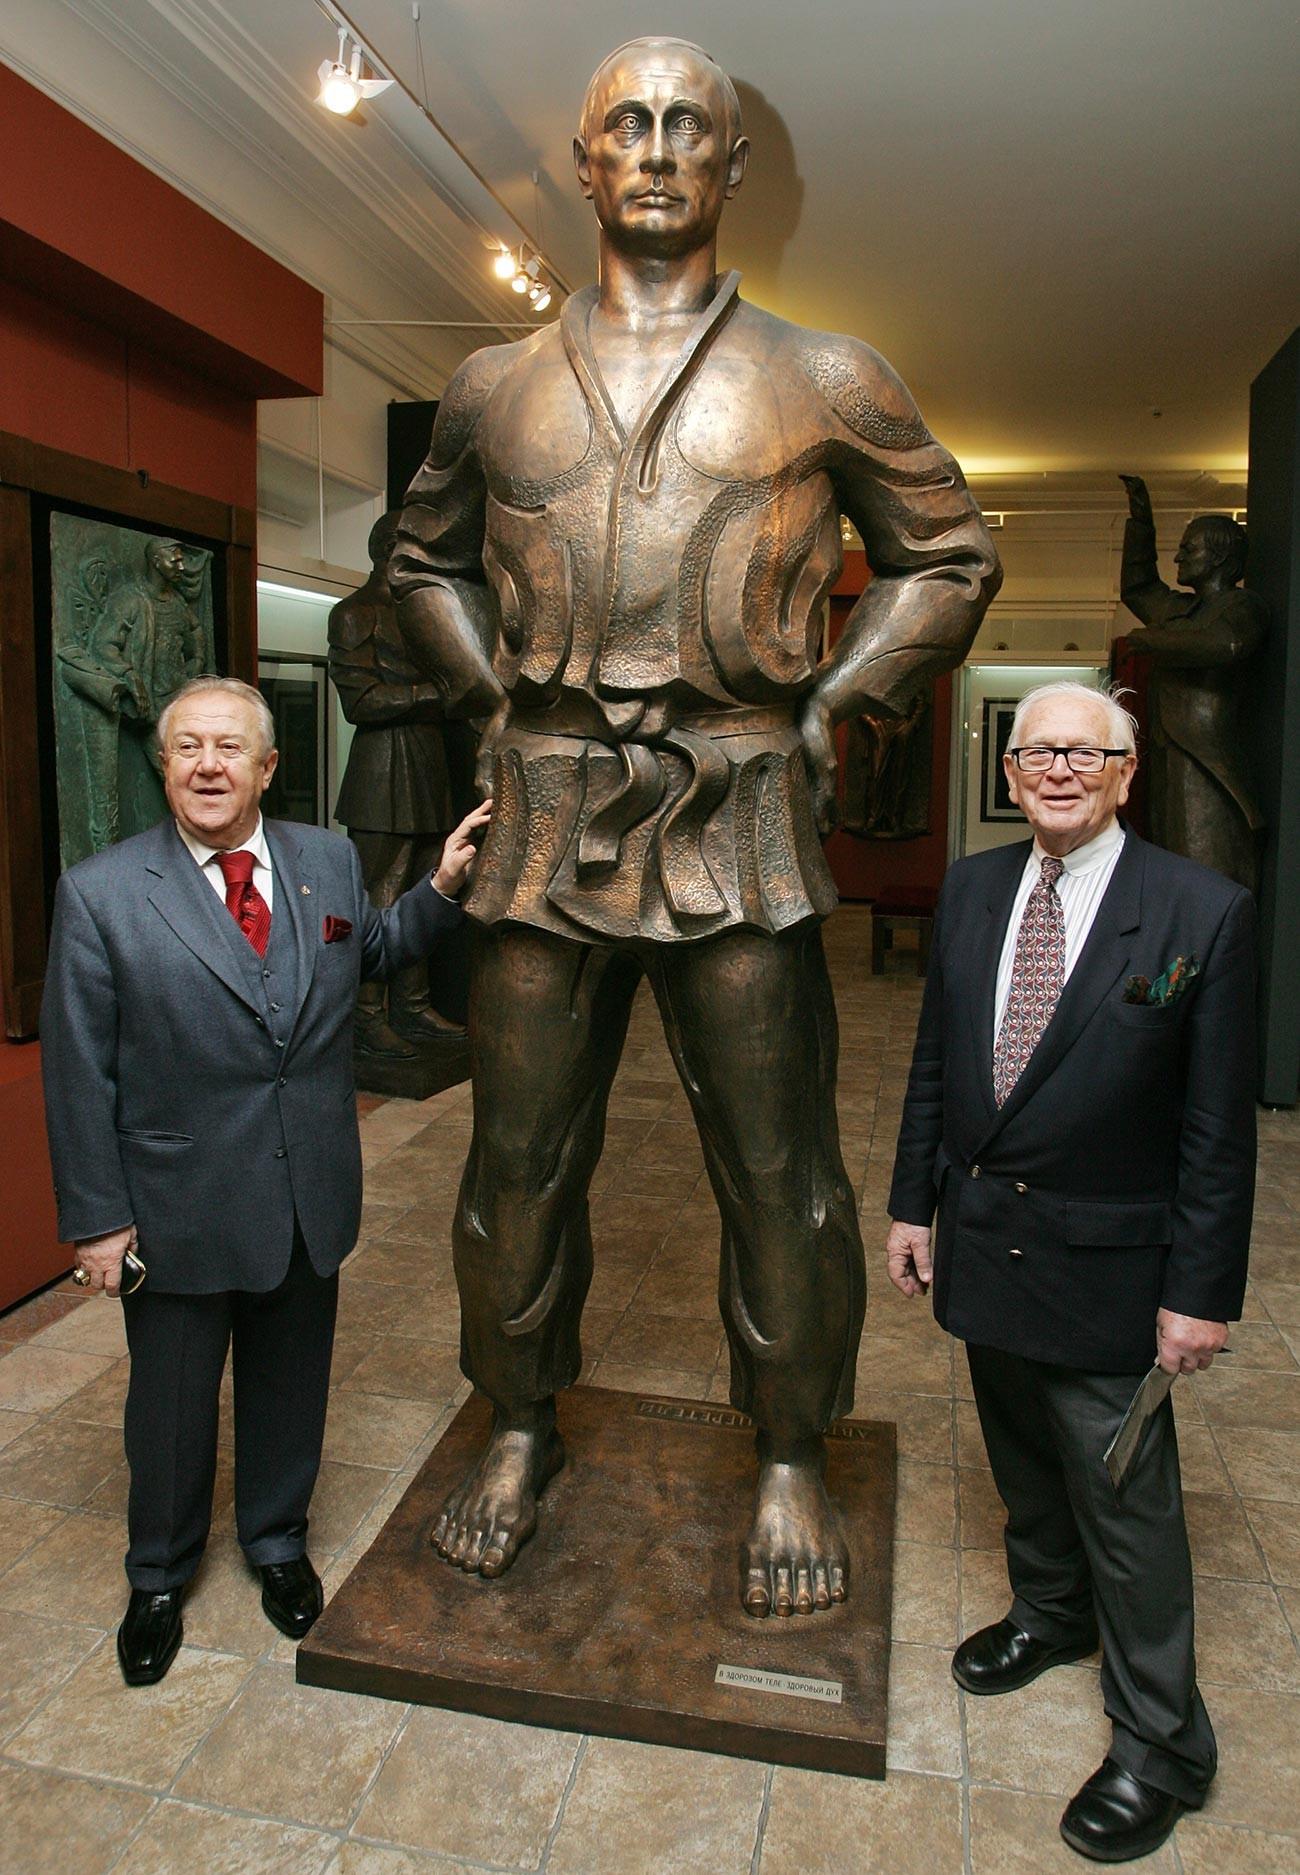 Пьер Карден и Зураб Церетели позируют со статуей Владимира Путина работы последнего, 2008